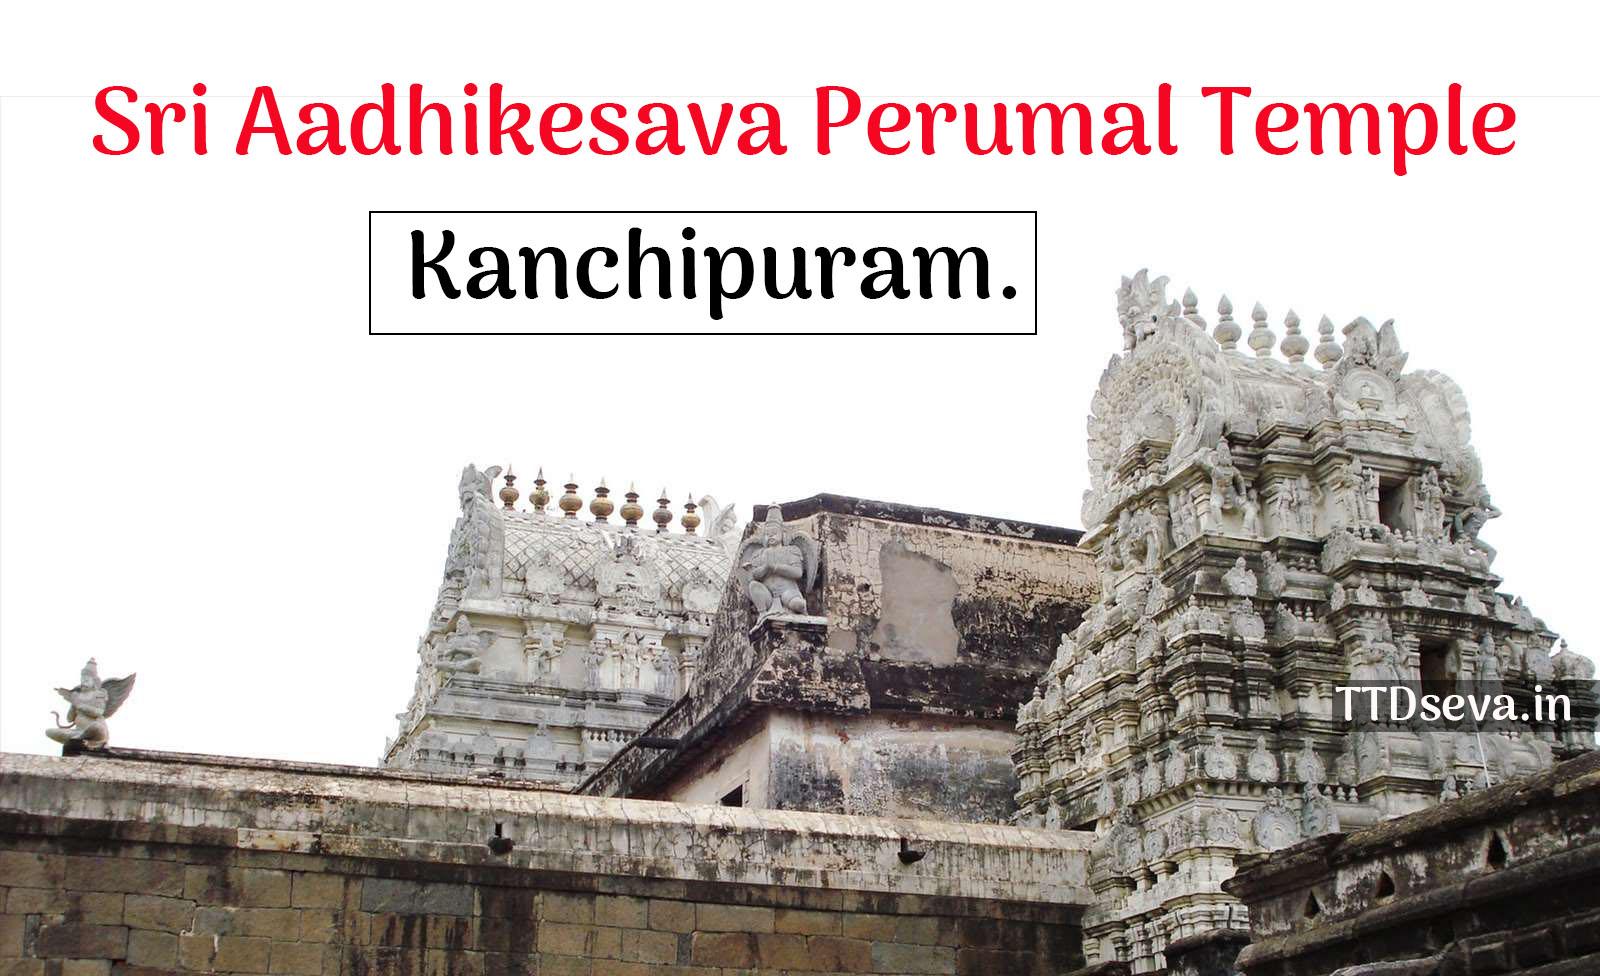 Sri Aadhikesava Perumal Temple, Kanchipuram.